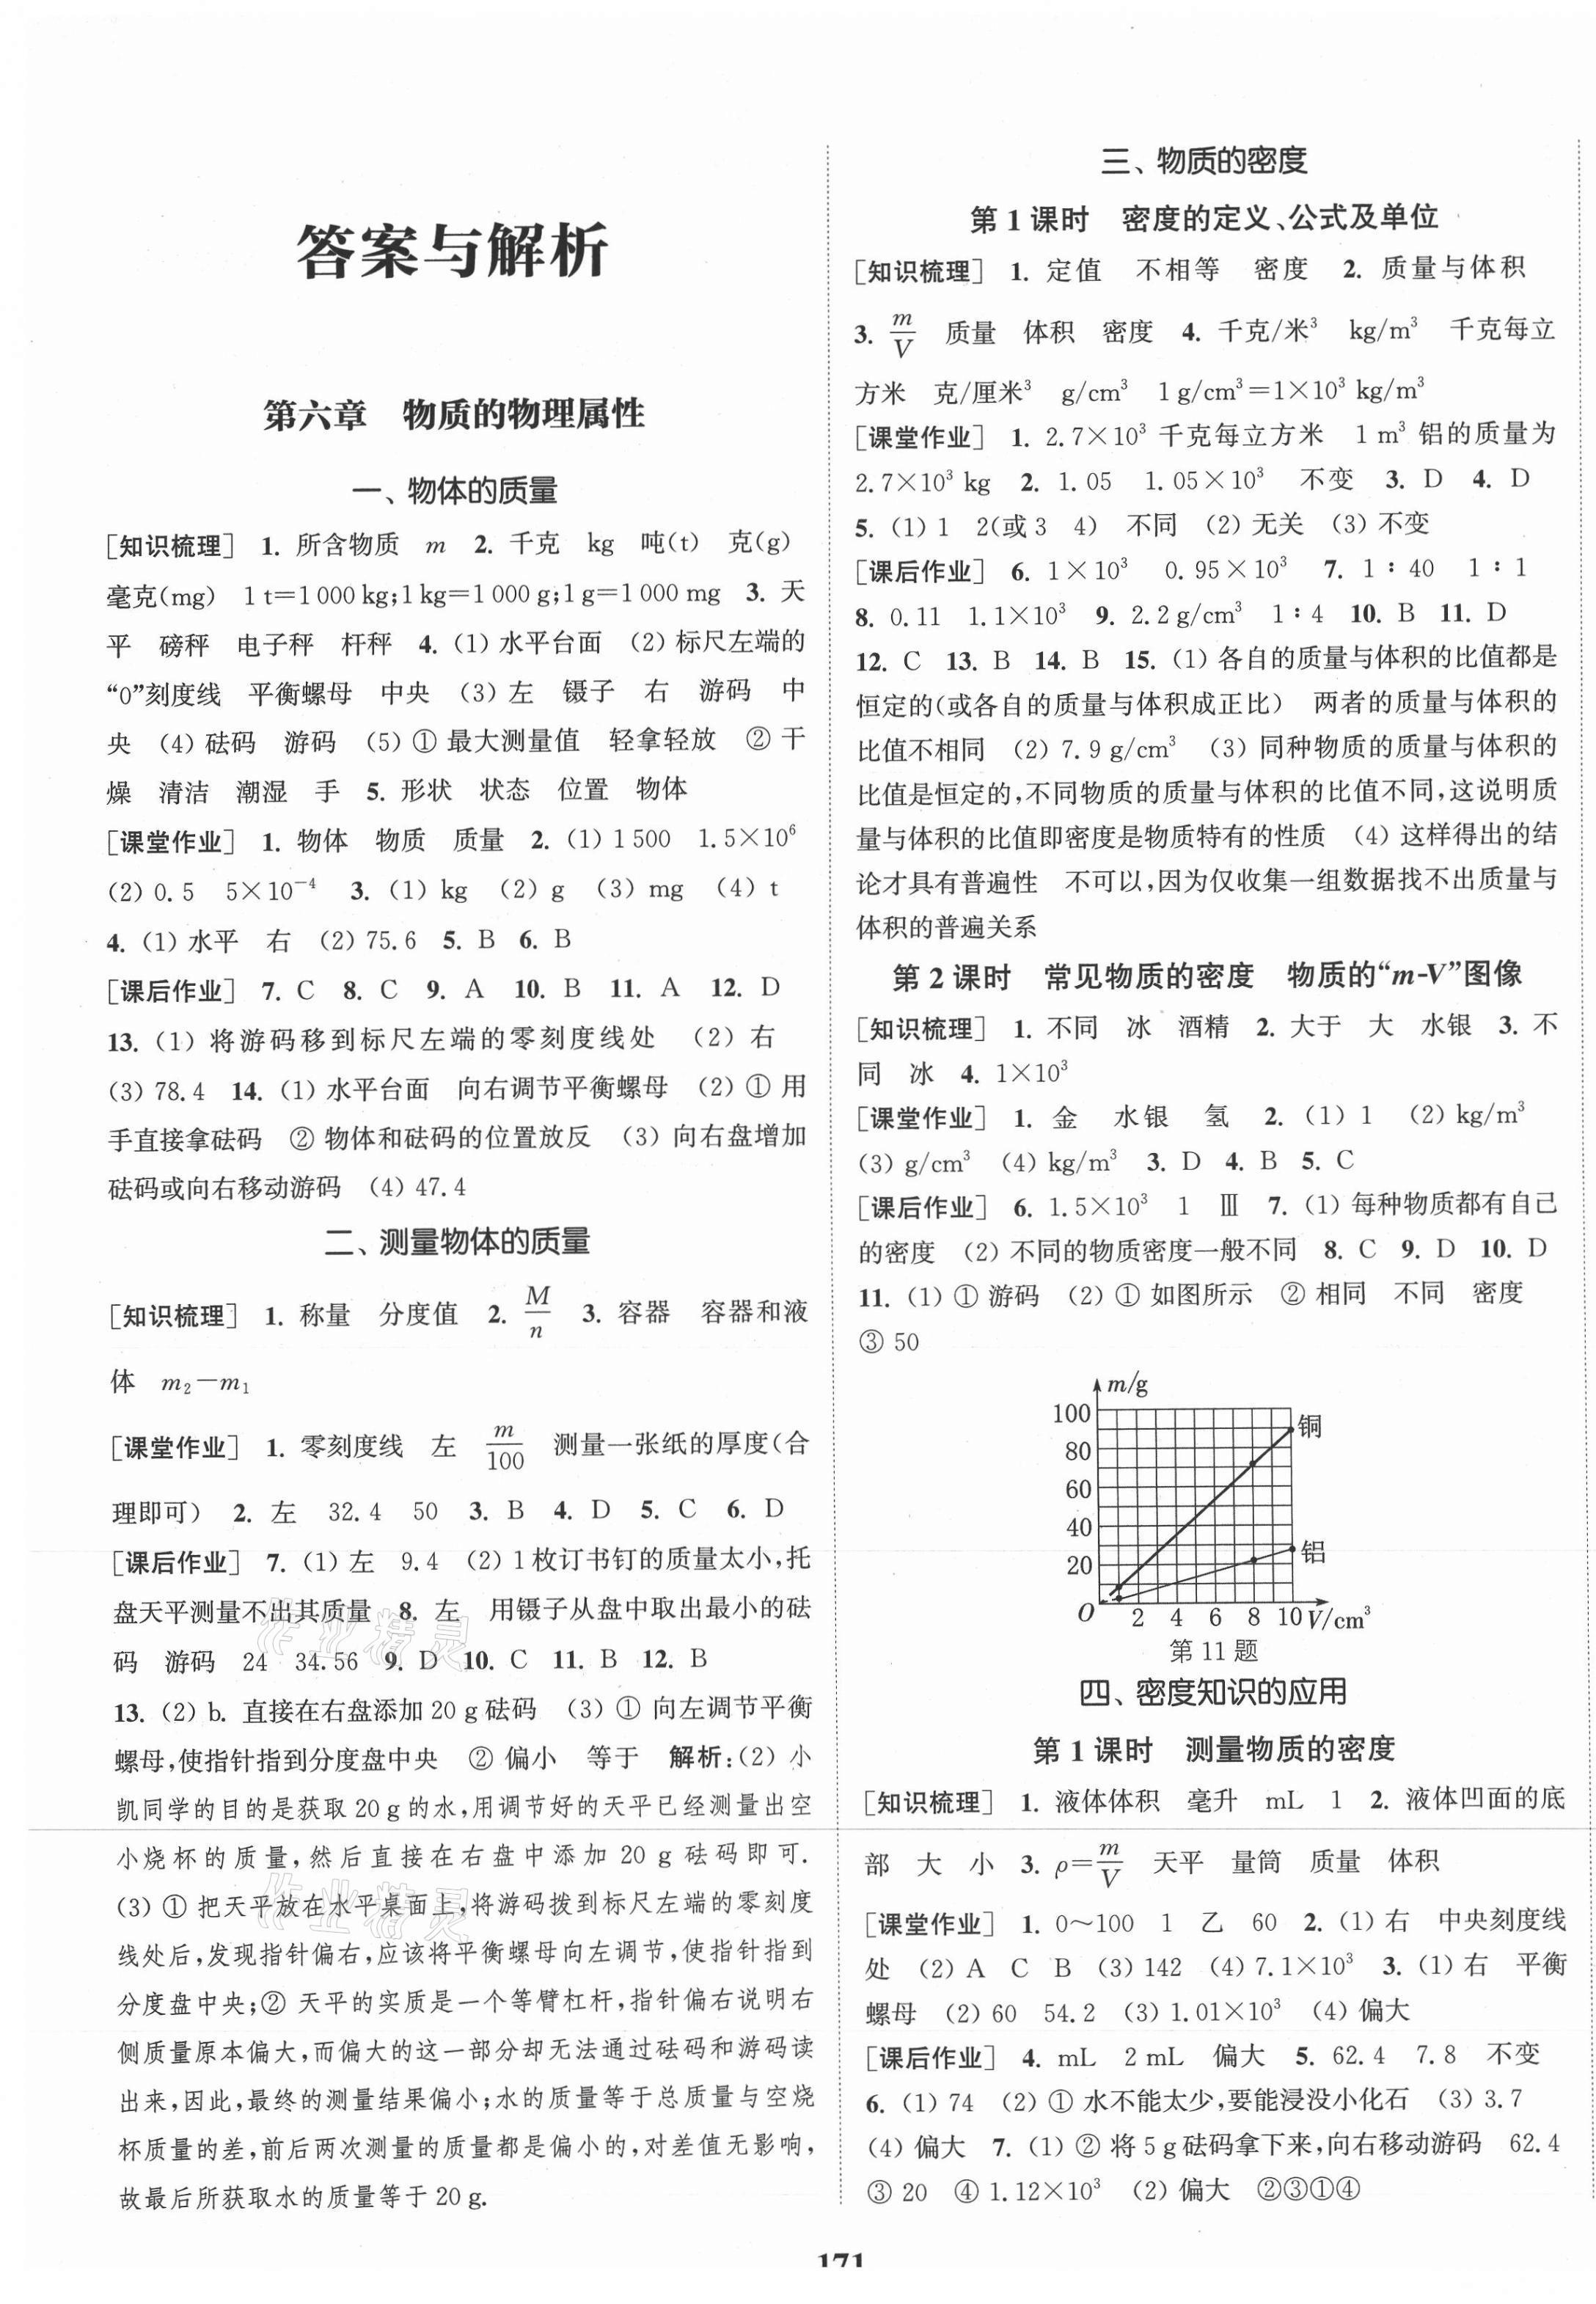 2021年通城学典课时作业本八年级物理下册苏科版江苏专用第1页